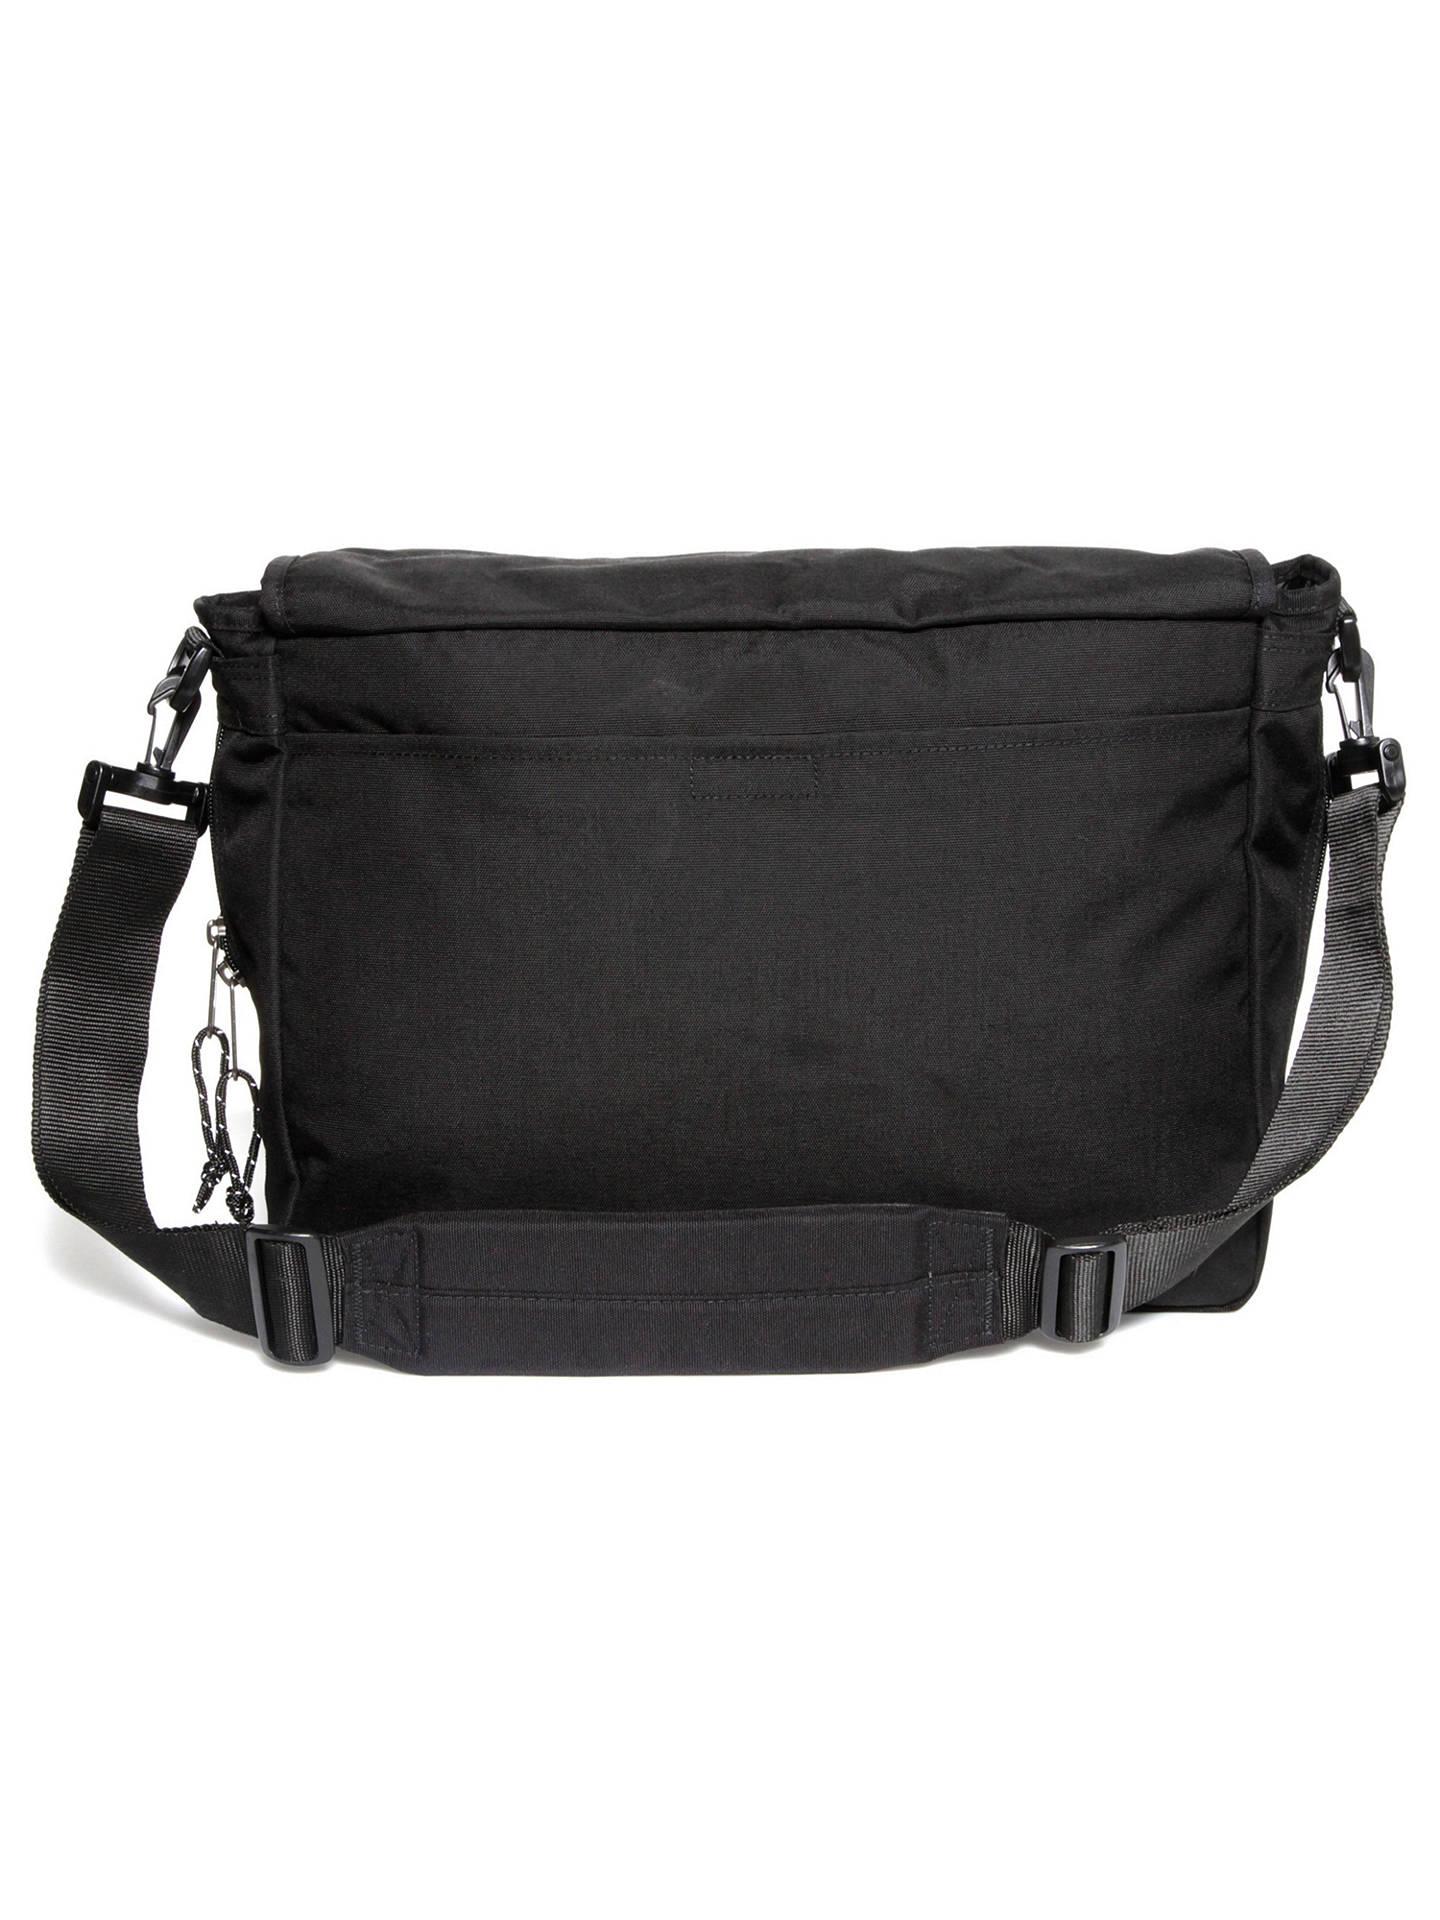 34a953472ed ... Buy Eastpak Delegate Authentic Messenger Bag, Black Online at  johnlewis.com